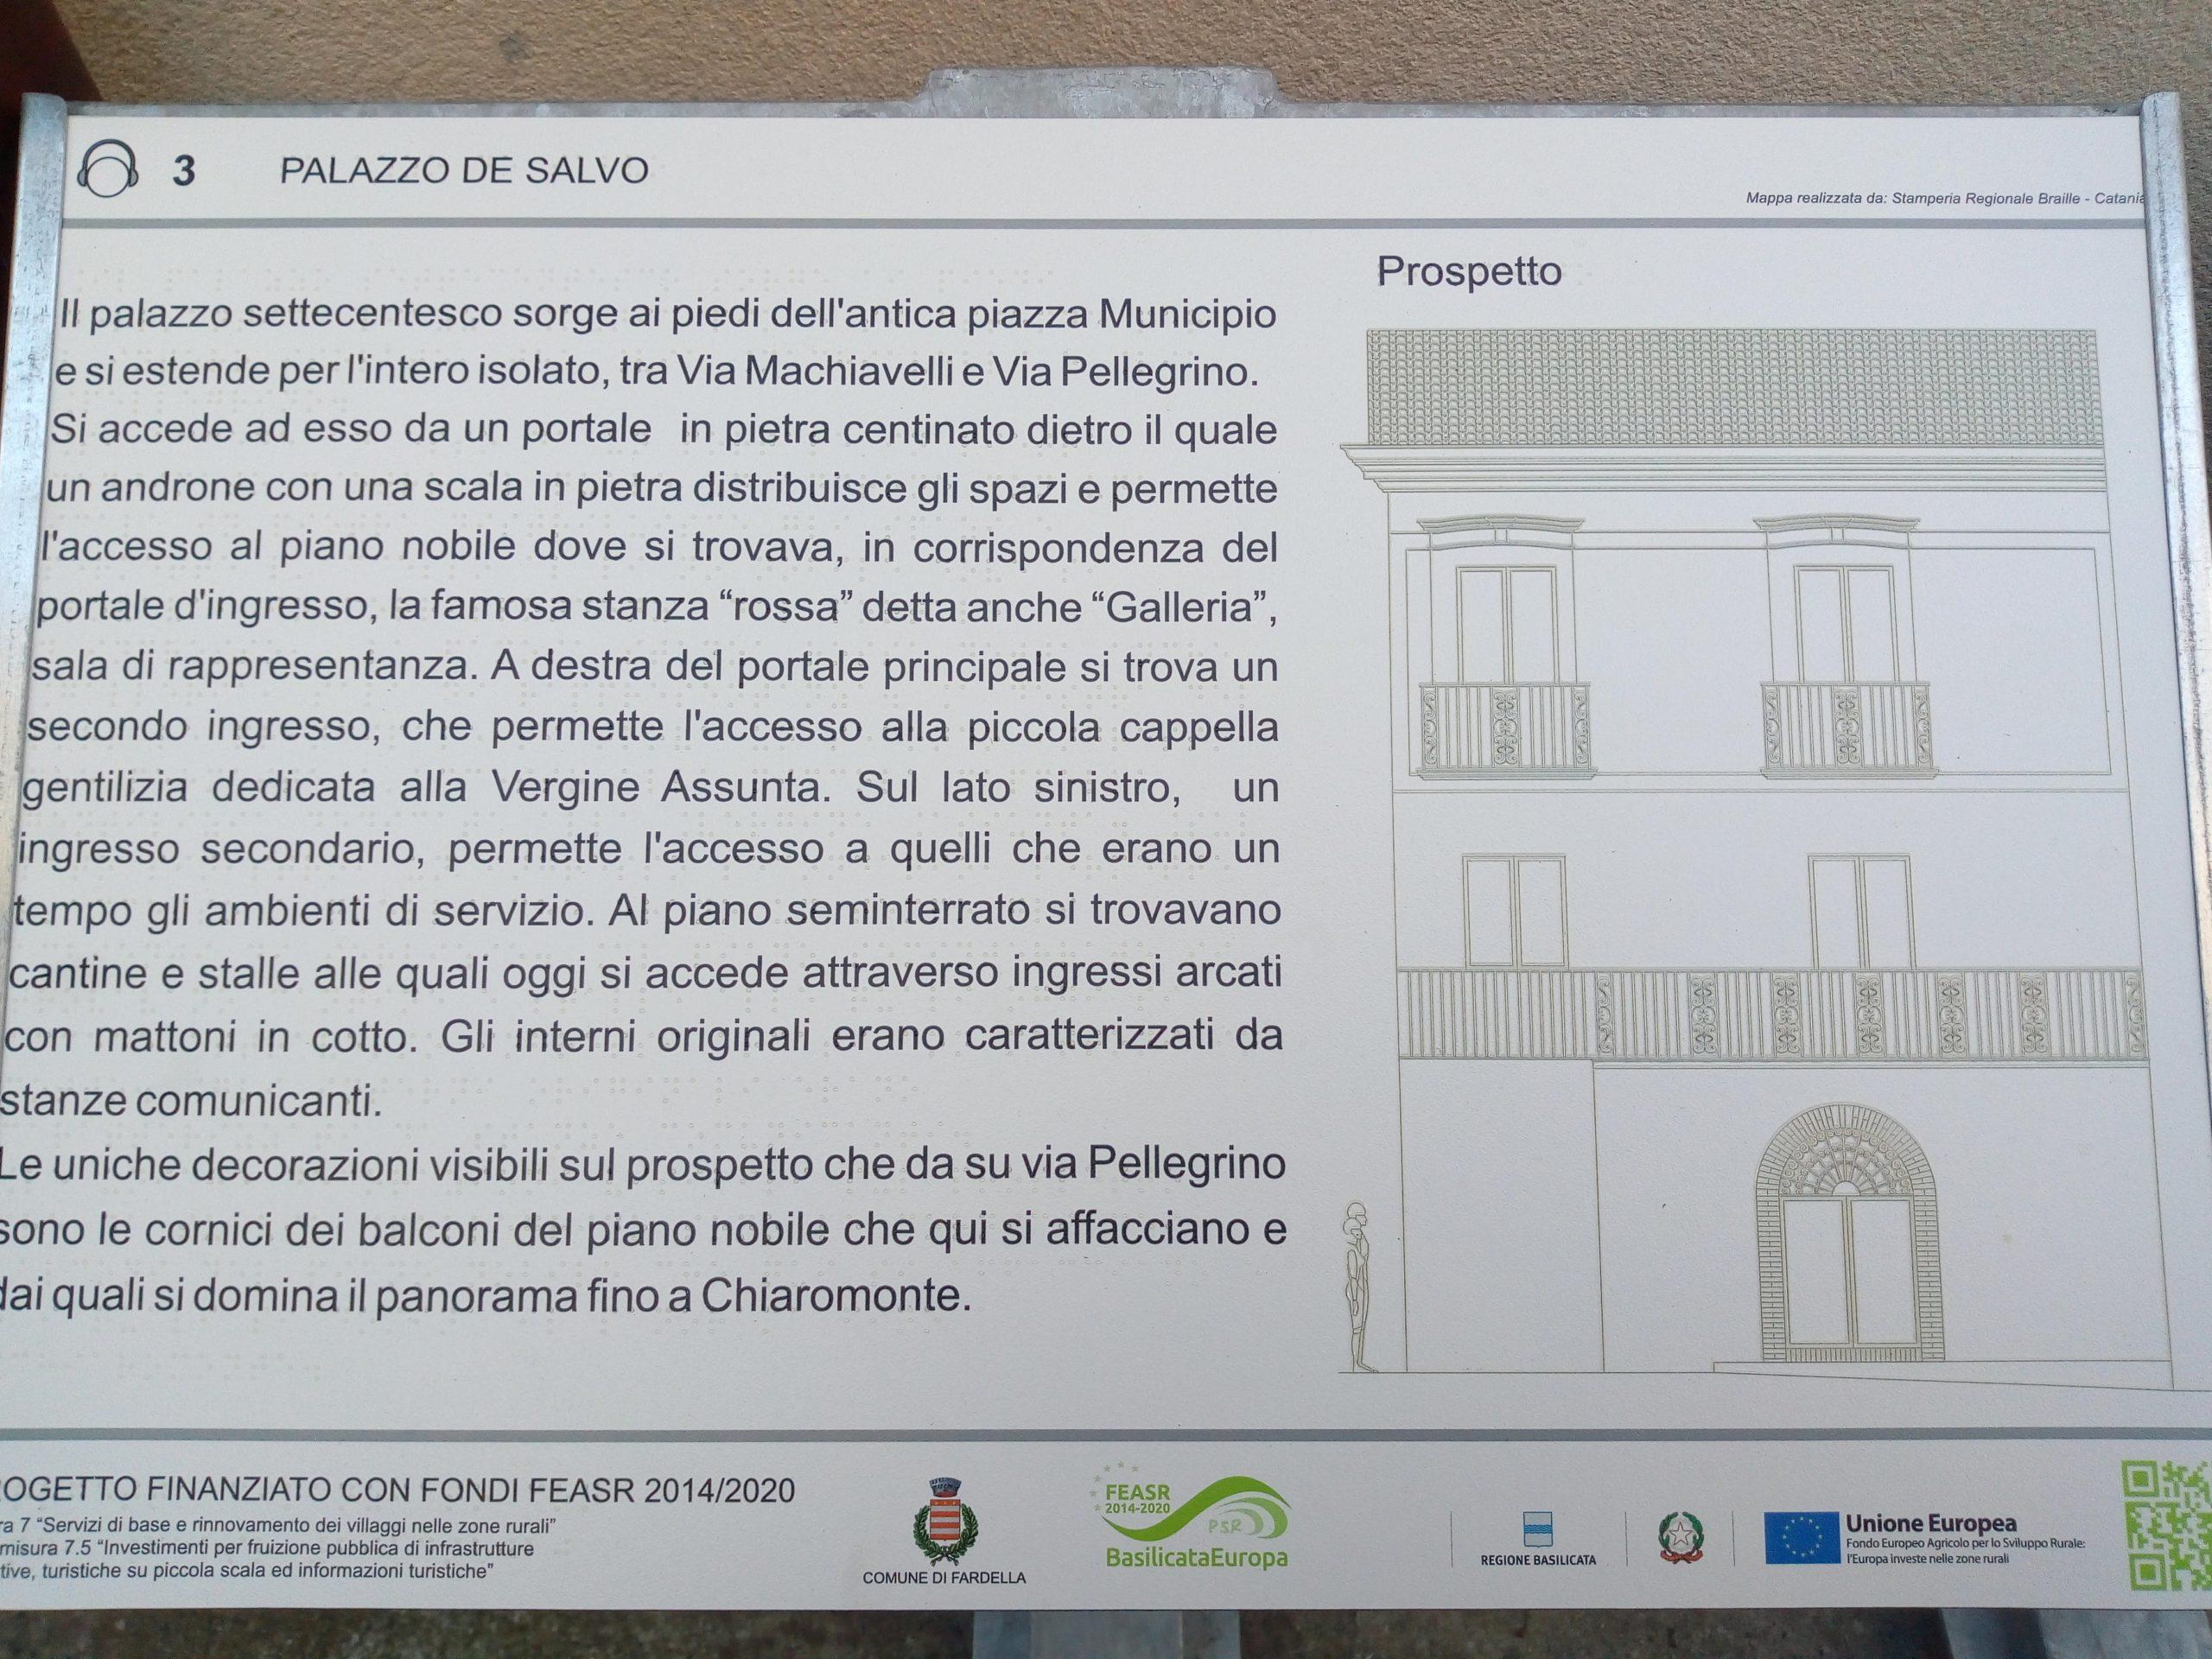 Pannello tattile Palazzo De Salvo